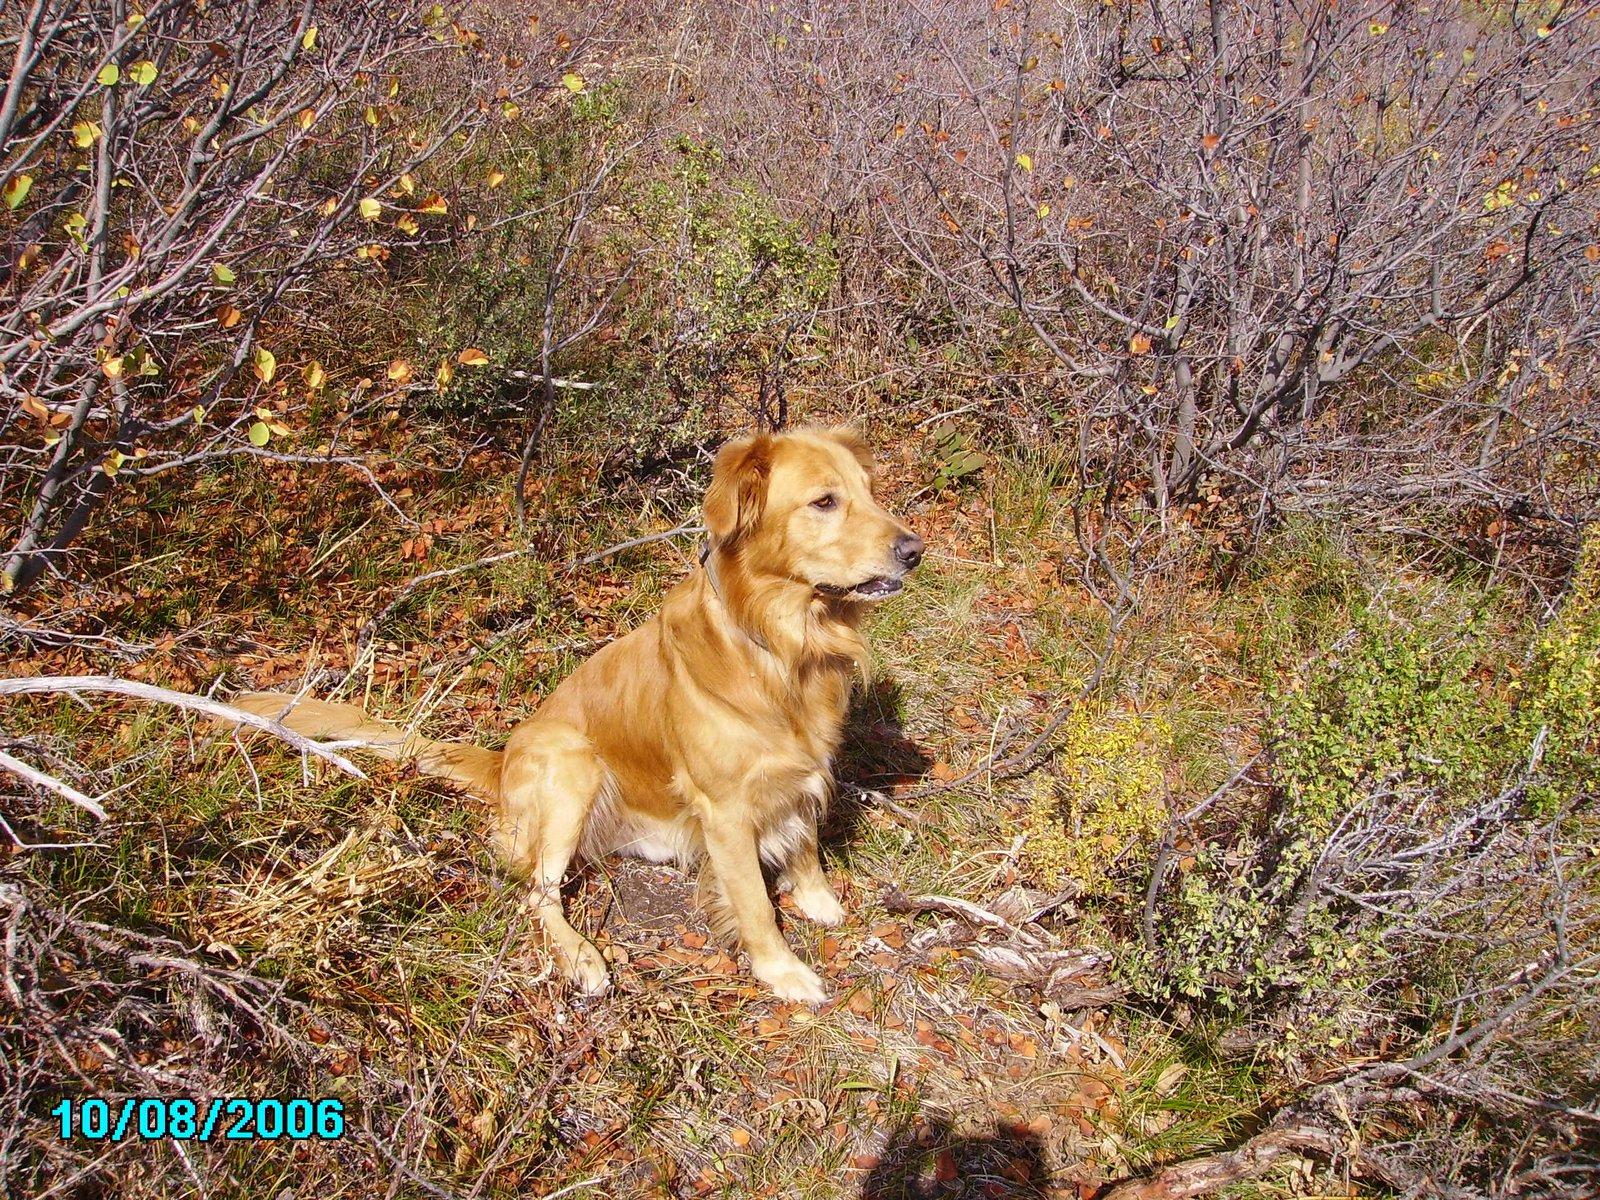 My hound